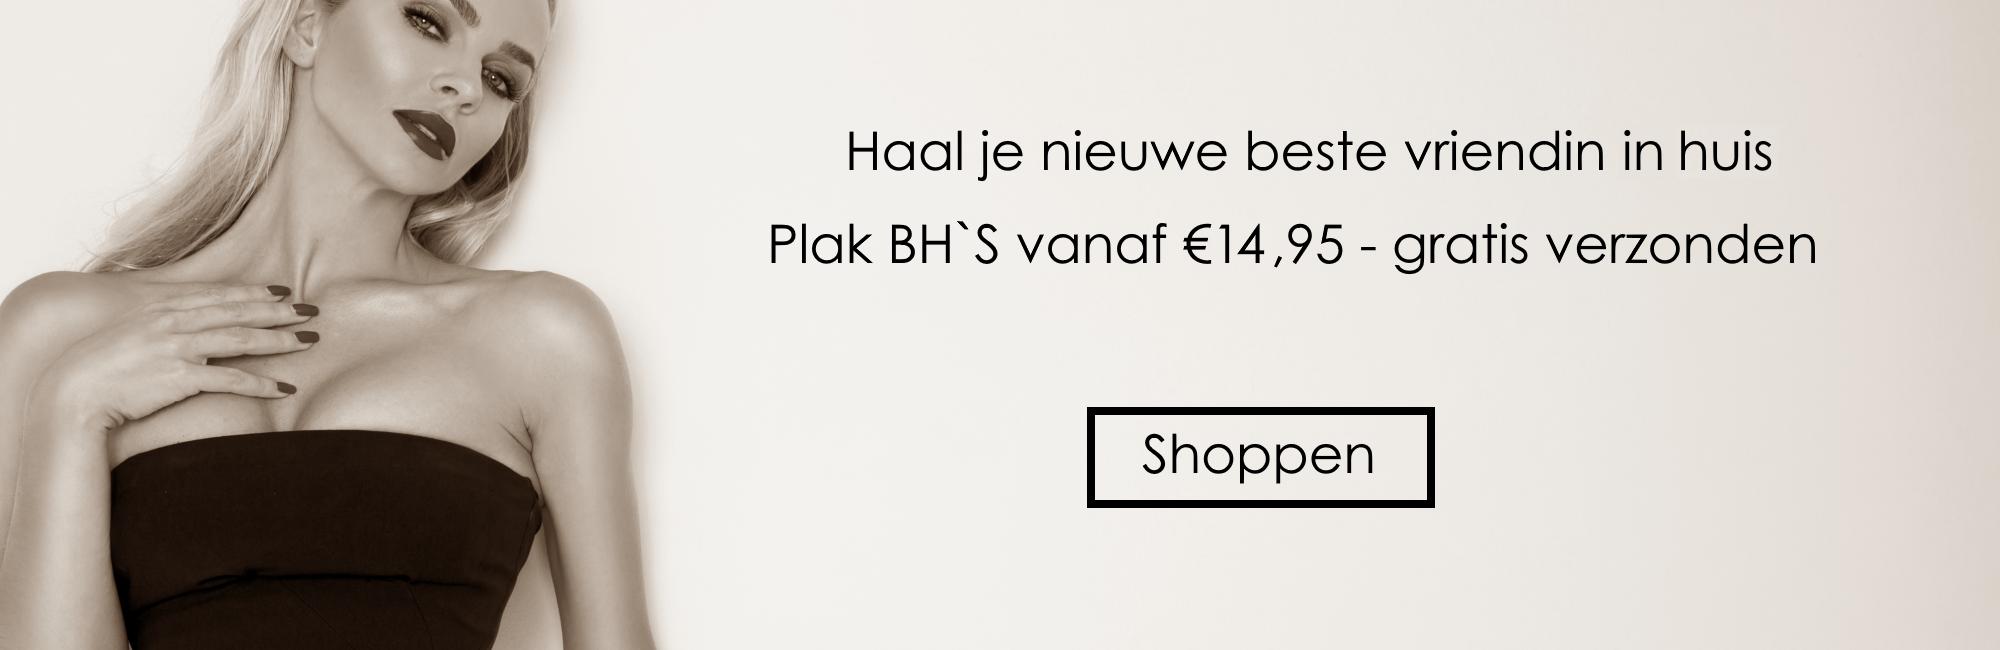 Plak BH Plein - Header